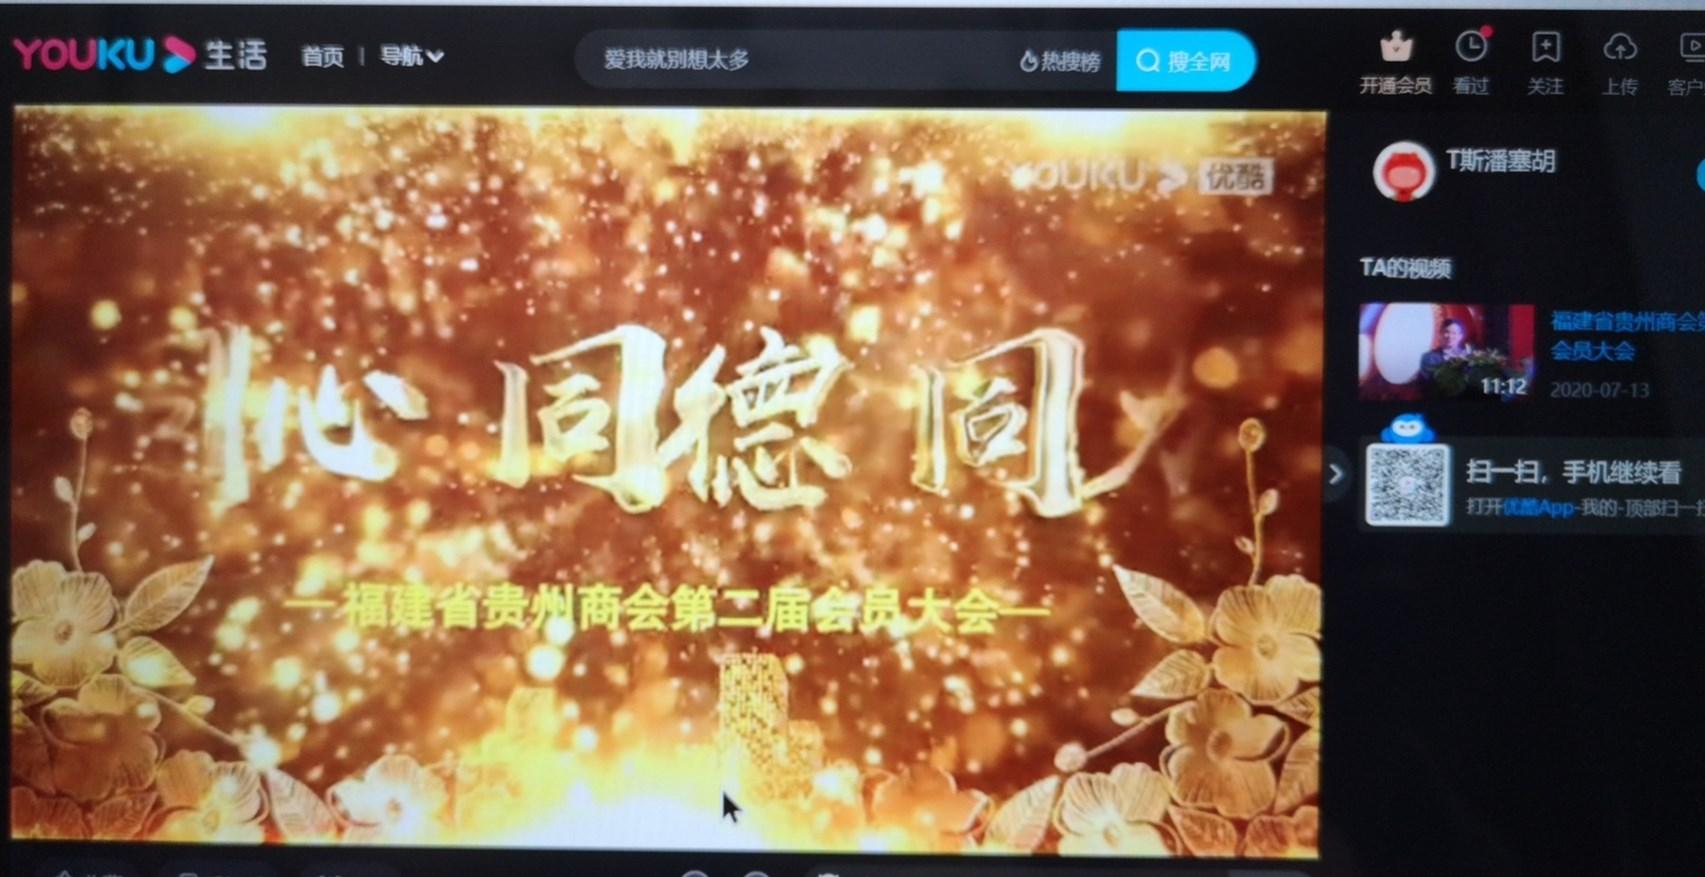 乐虎国际娱乐APP贵州乐虎APP苹果安装第二届会员大会